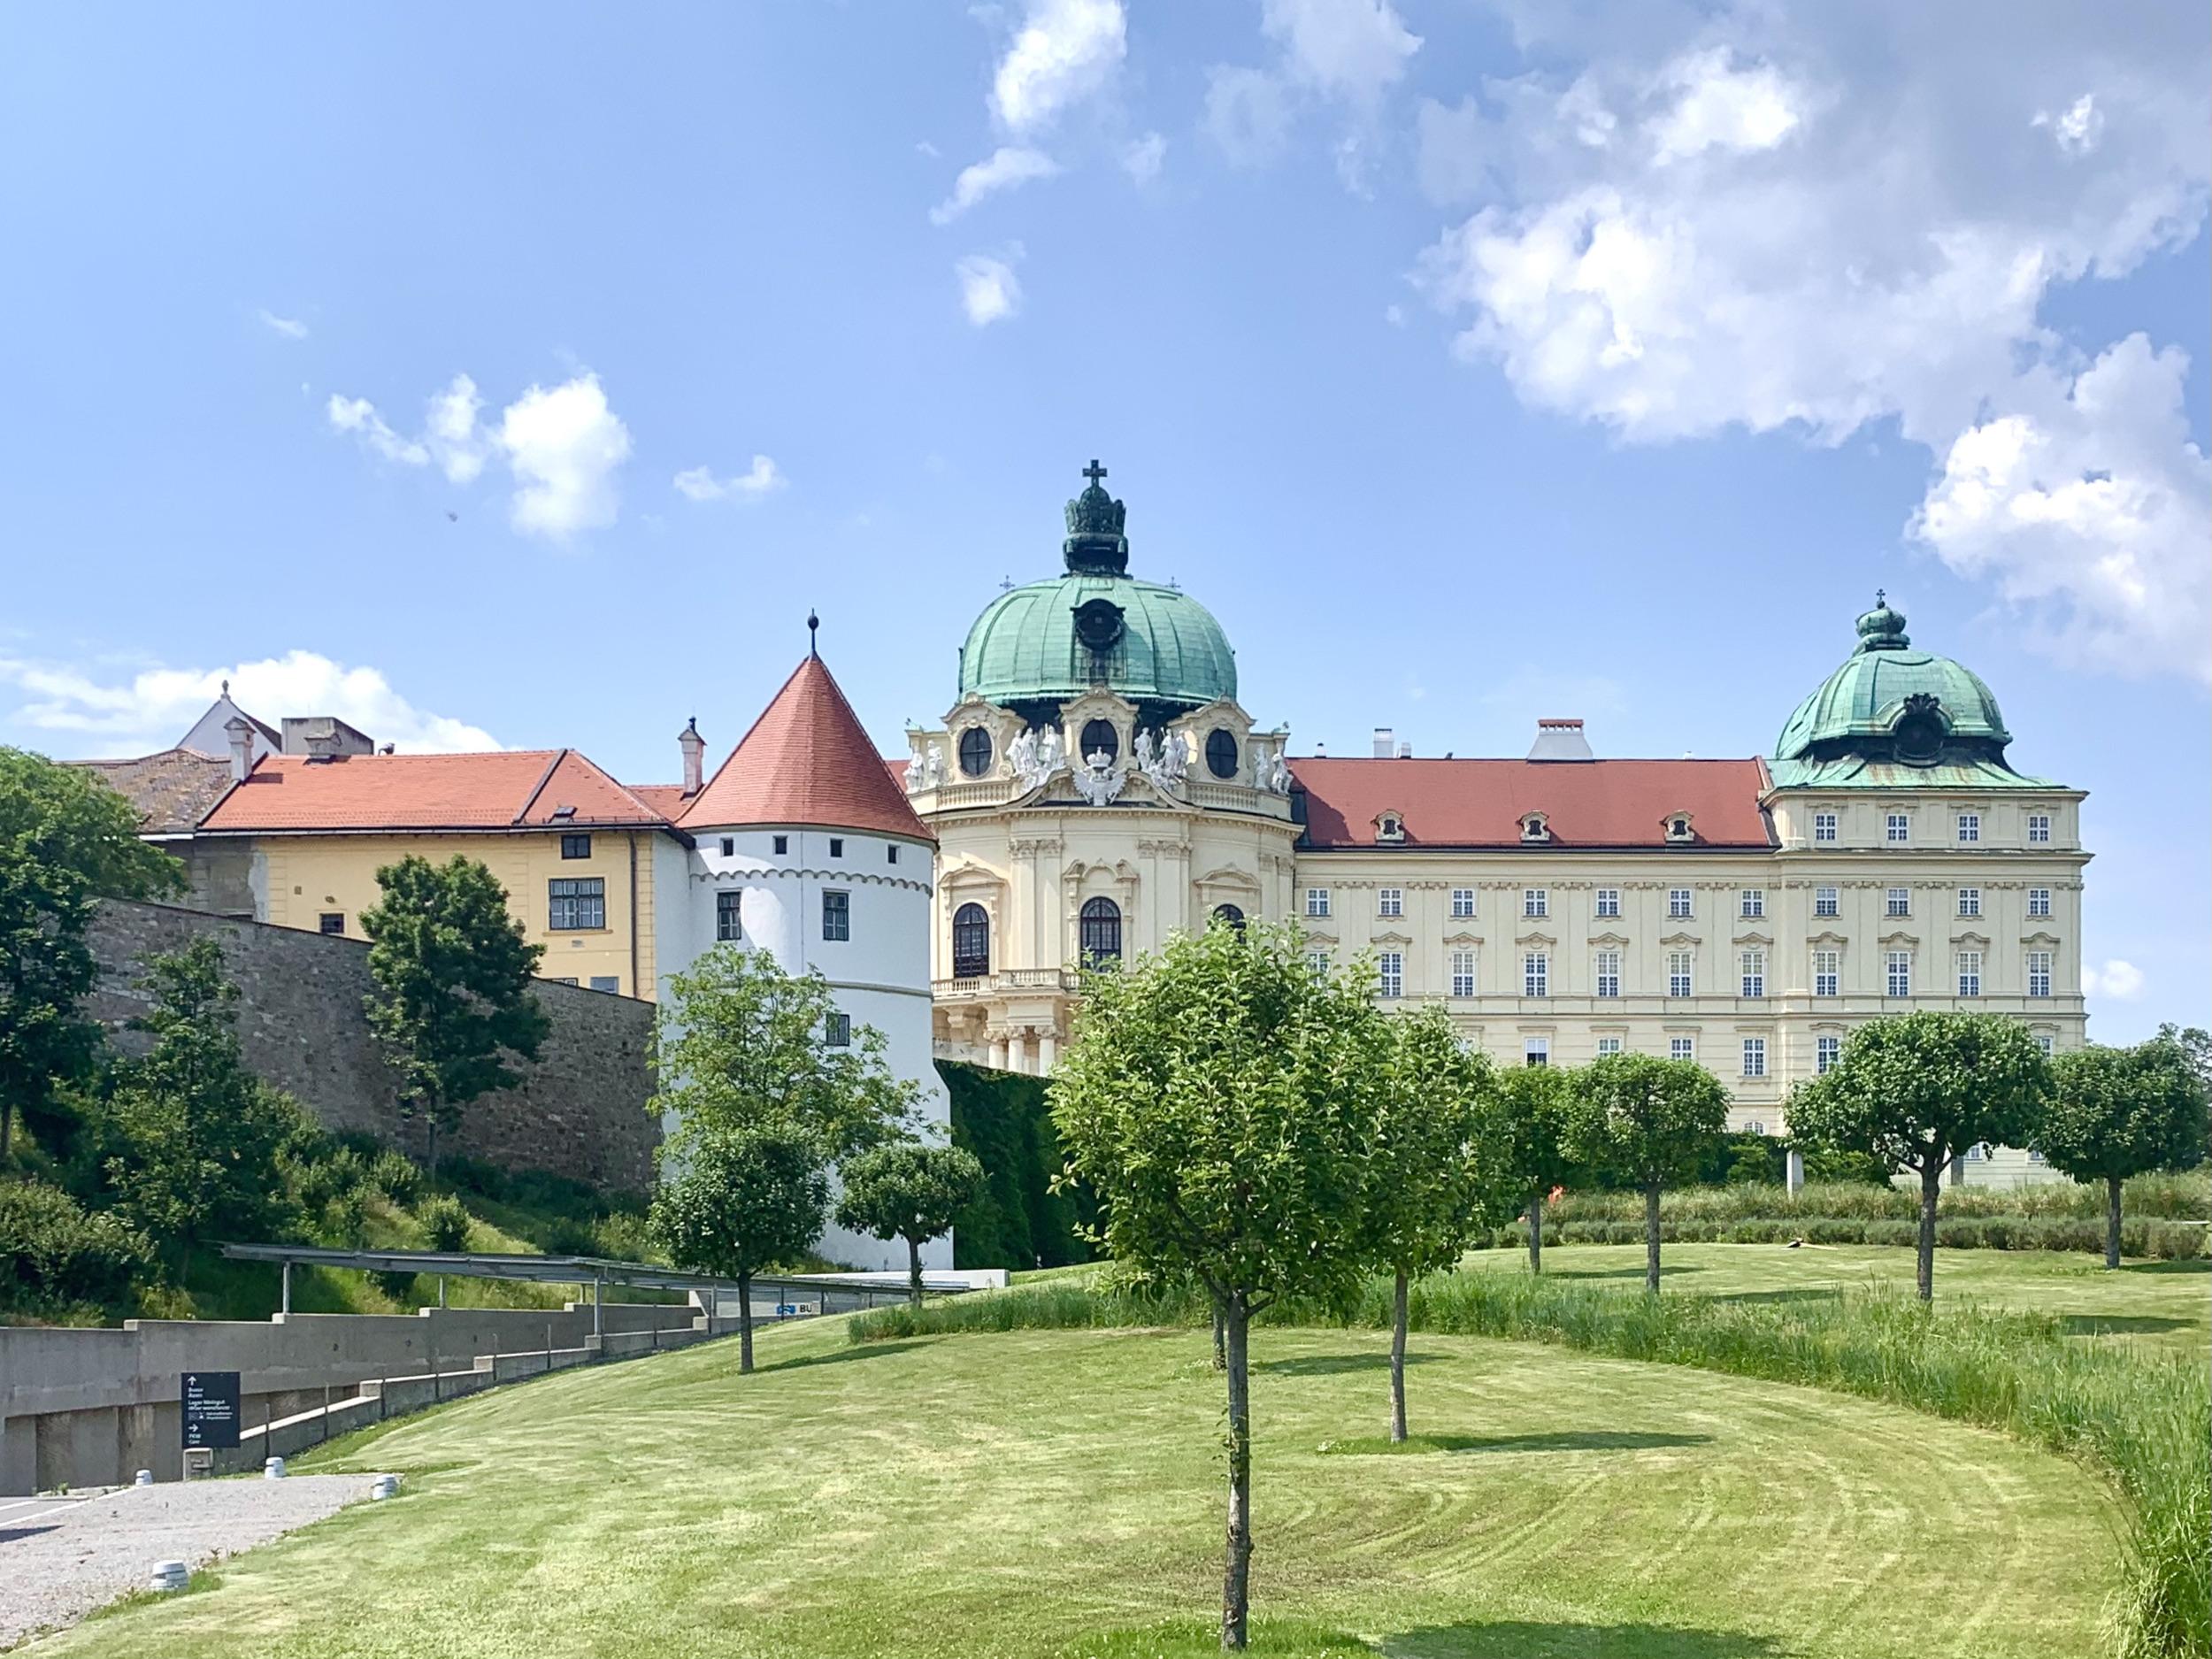 teichgarten über tiefgarage stift klosterneuburg